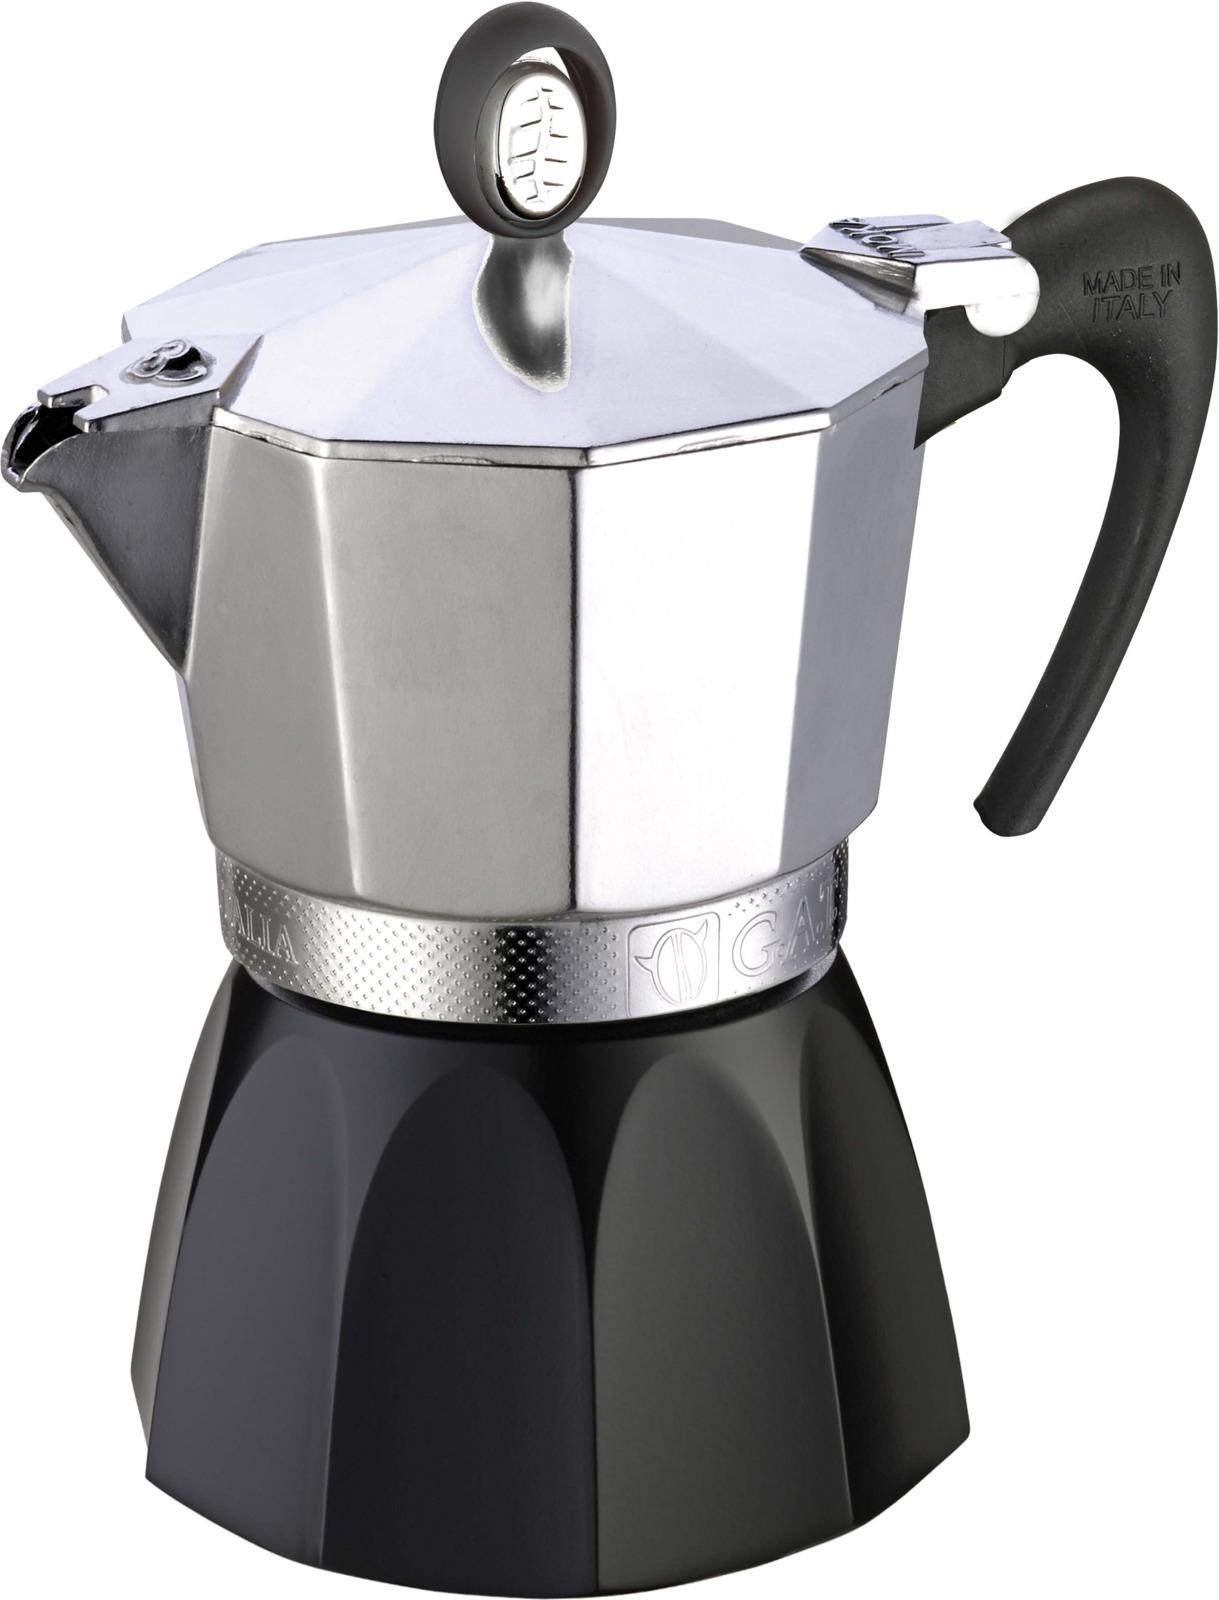 Кофеварка гейзерная G.A.T. 101506 DIVA. Гейзерная кофеварка - это отличная возможность побаловать себя чашечкой великолепного ароматного кофе. Кофеварка рассчитана на 6 чашек. За считанные минуты прибор приготовит ваш любимый напиток и моментально наполнит кухню изумительным ароматом. Прочная алюминиевая основа придает кофеварке легкость и надежность, а стильный дизайн добавит кухонному интерьеру элегантности и особого шарма. Основные отличительные особенности кофеварок Diva: удобный носик для наливания кофе, стильный ремень, соединяющий верхнюю и нижнюю части кофеварки, специальное внутреннее покрытие, обеспечивающее легкую очистку и обслуживание, ручка из термостойкого пластика, кофеварка подходит для использования на всех типах плит, в том числе и индукционных.